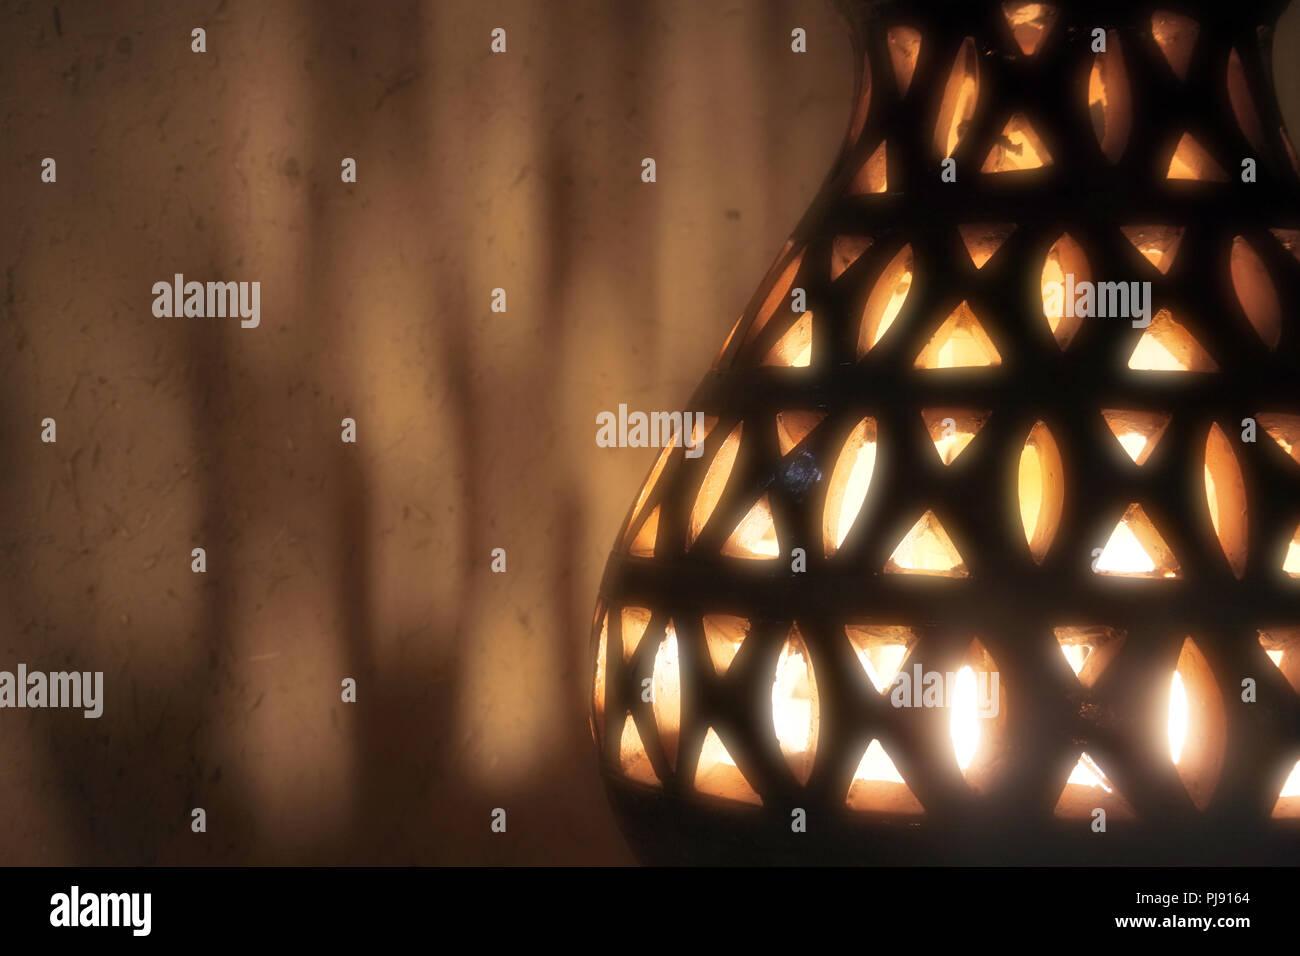 Heritage,Arabic,Old,Vintage ,Lantern,Glow,Lamp, Dark,Light, Shadow,Arabic Lantern,Arabic Lamp - Stock Image